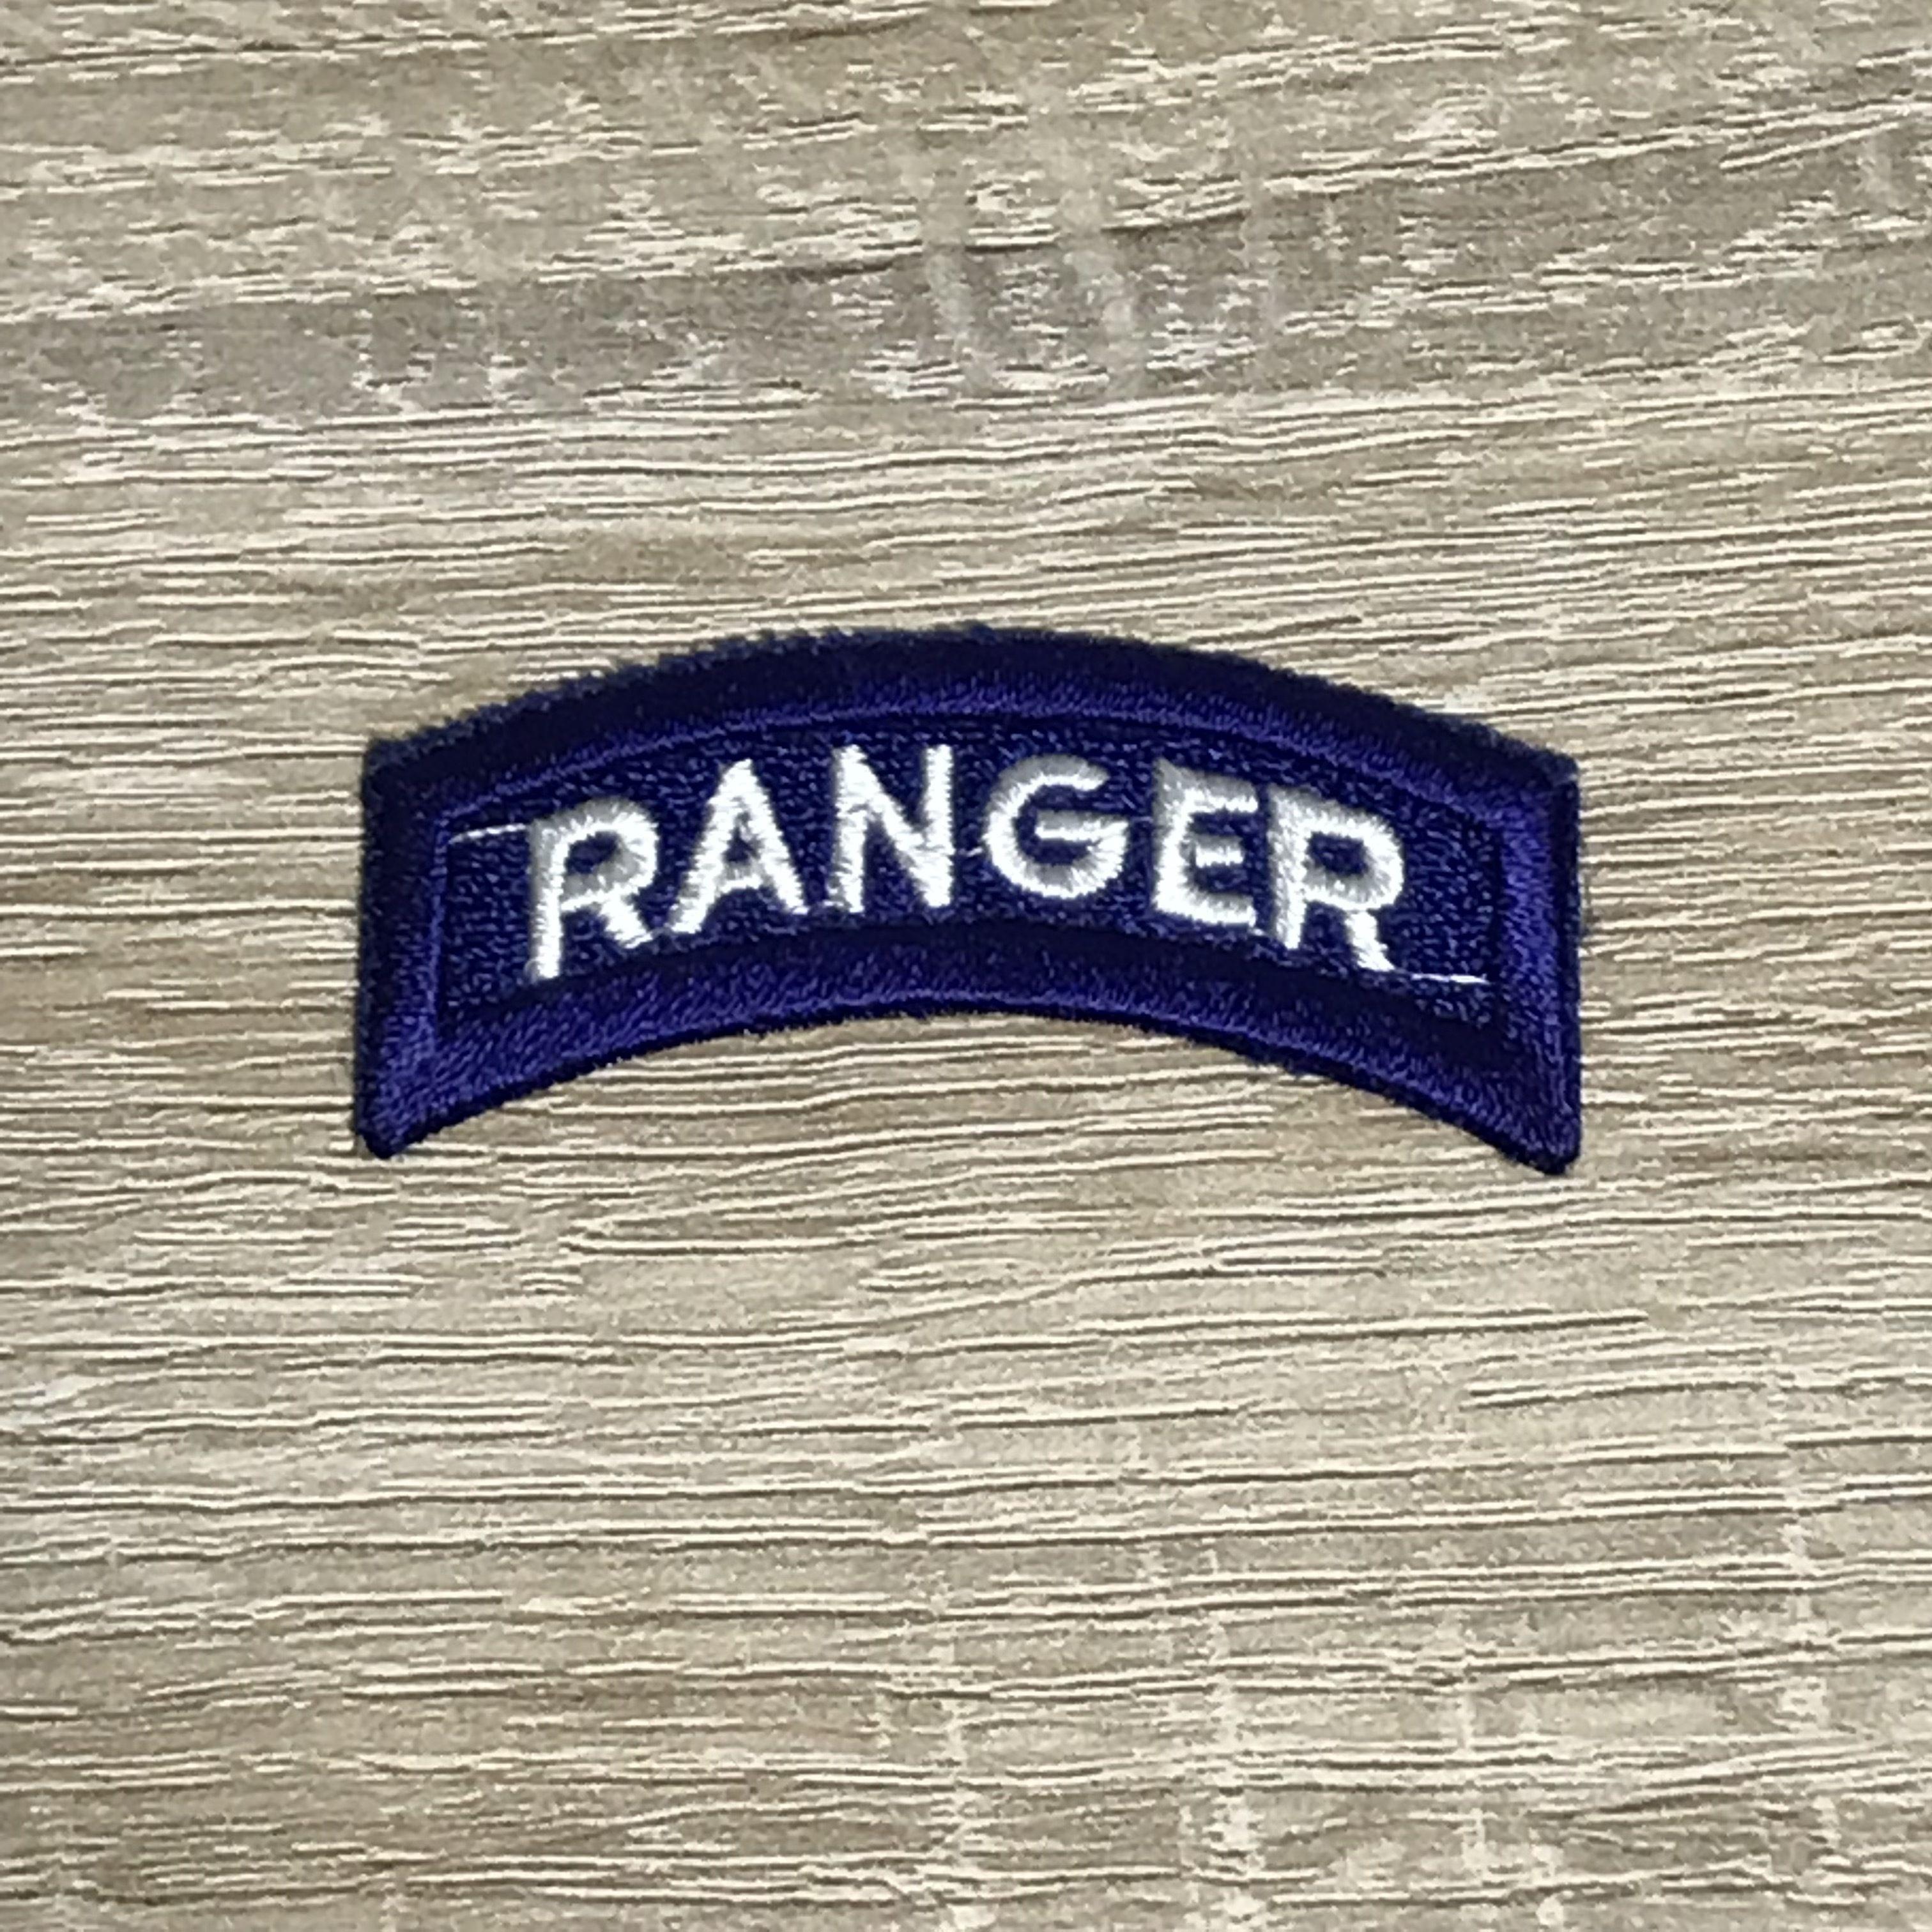 アメリカ陸軍 RANGERパッチ